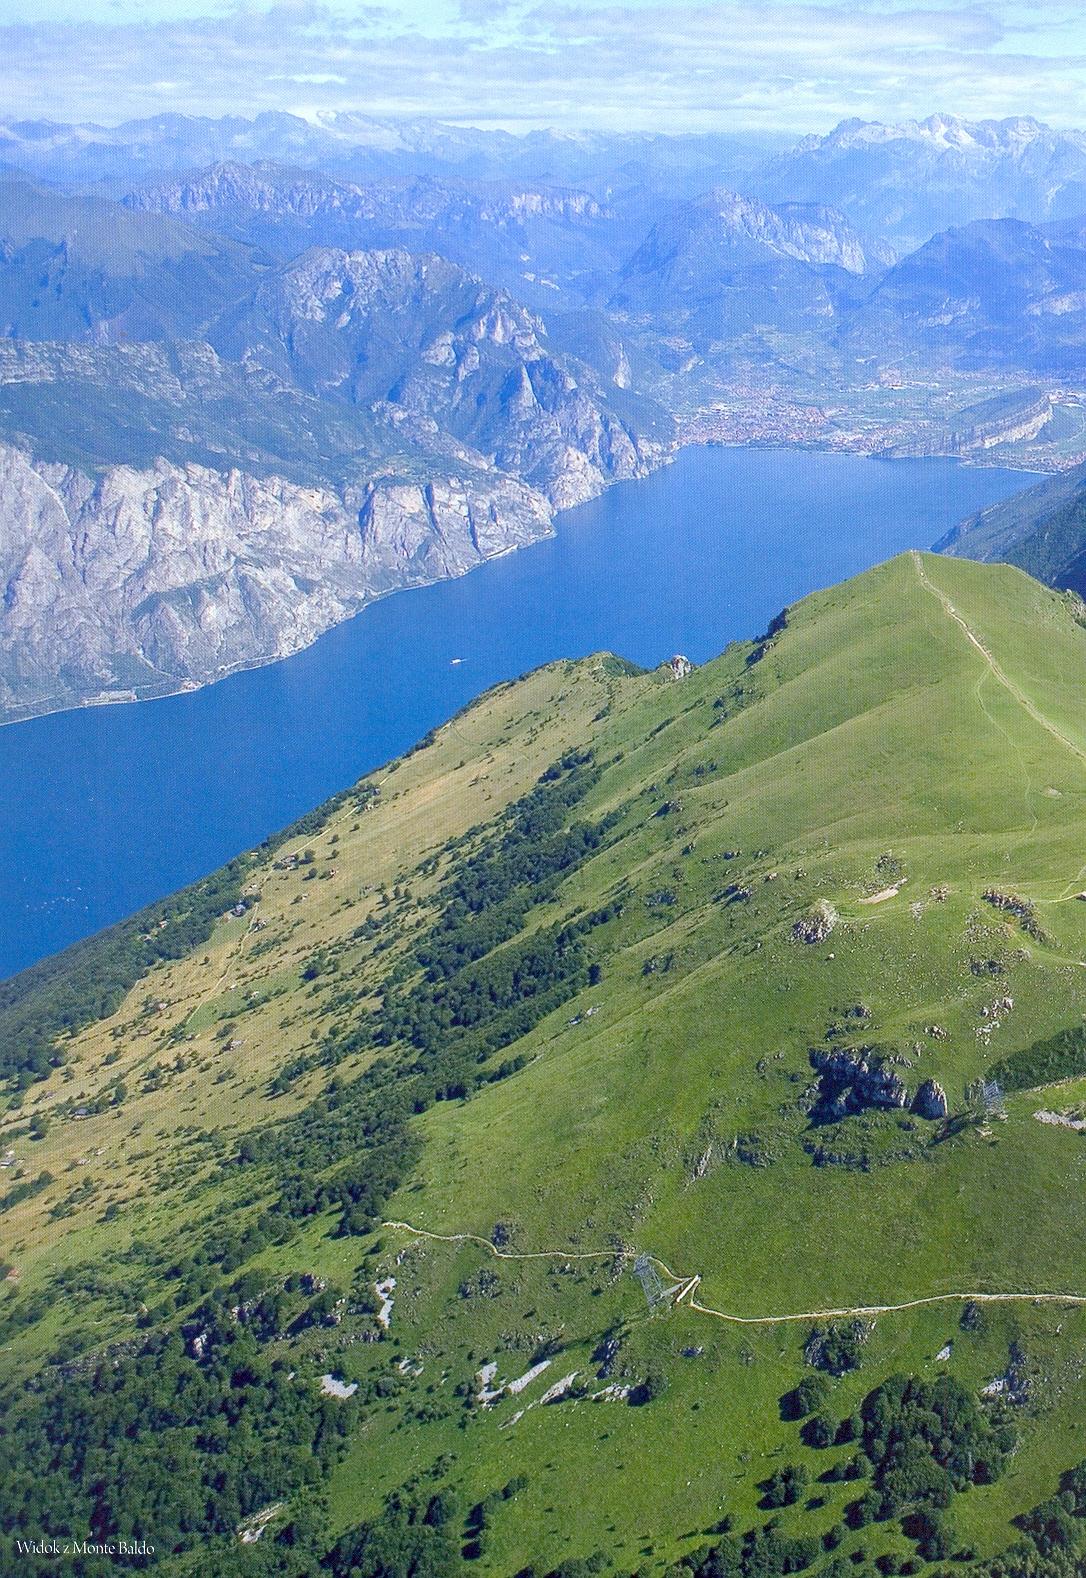 Itálie - Lago di Garda z horského hřebene Monte Baldo